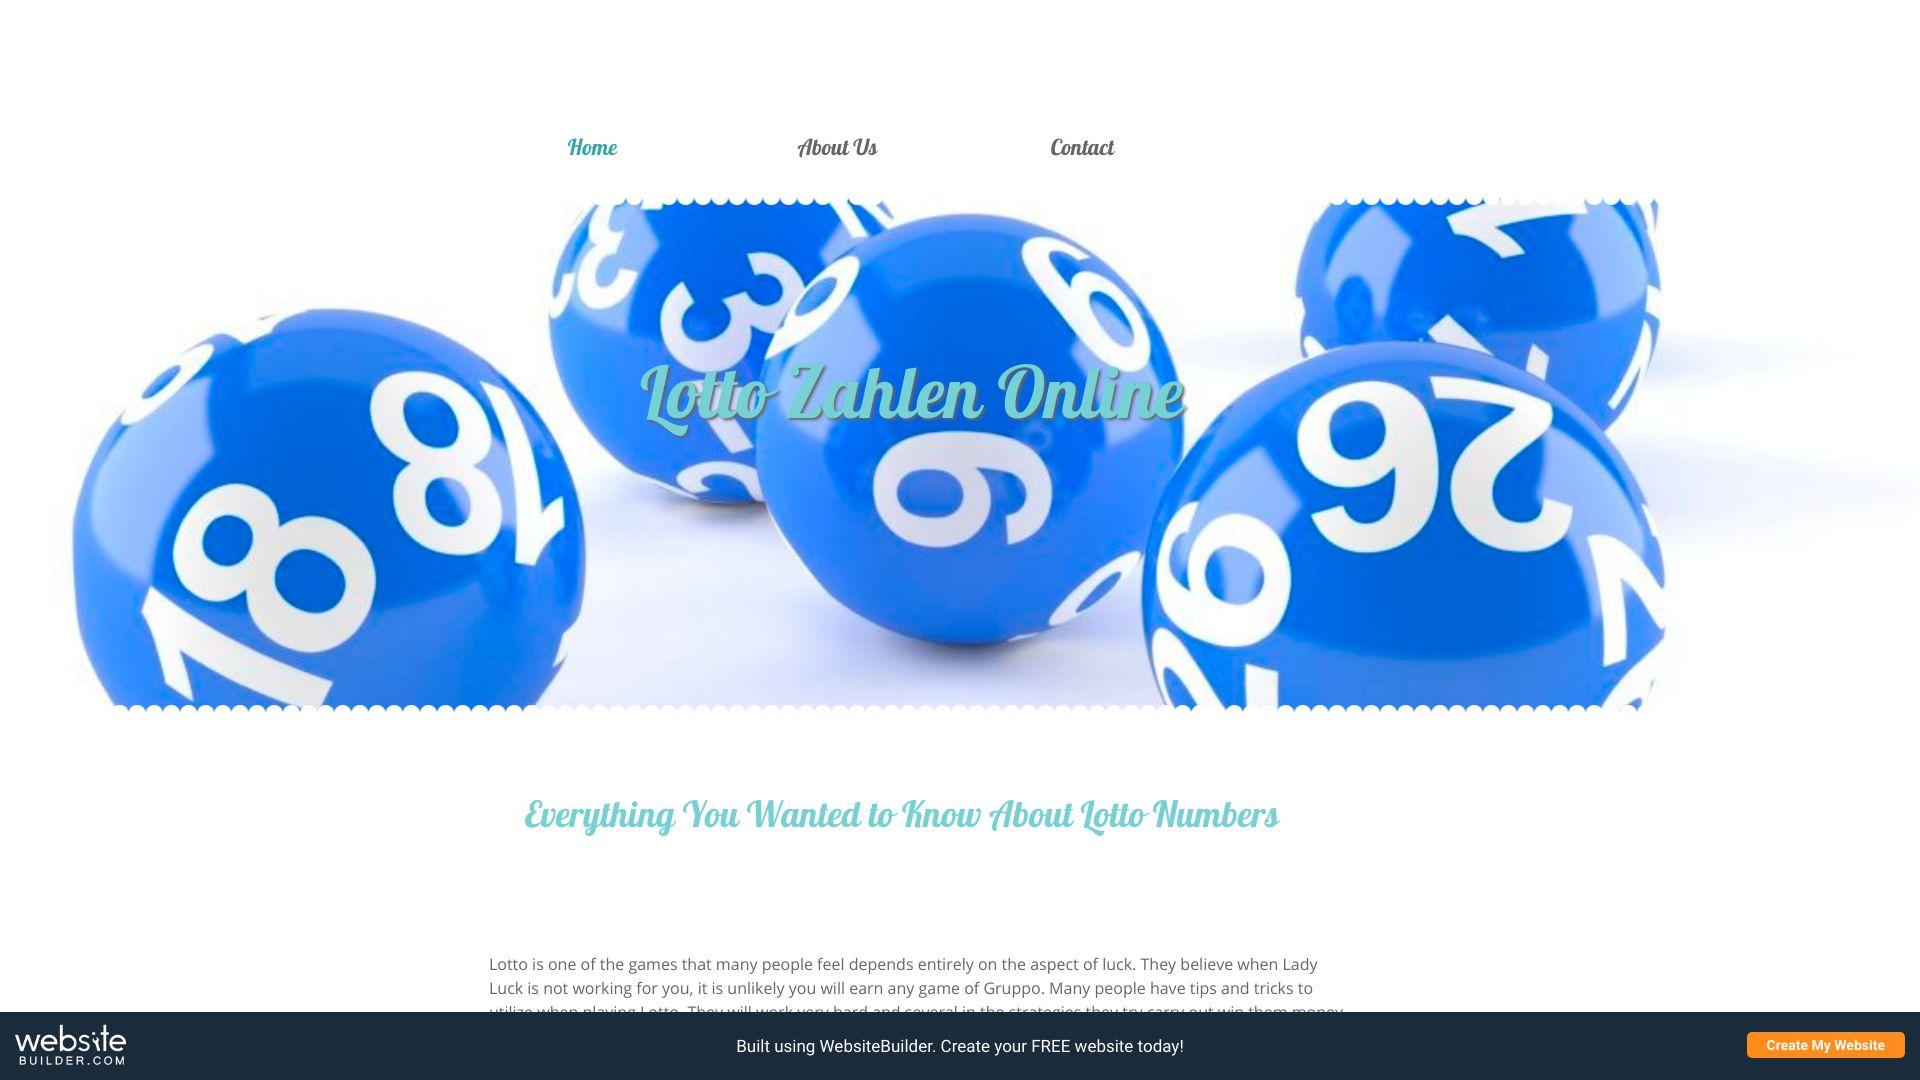 lottozahlenonline.my-free.website